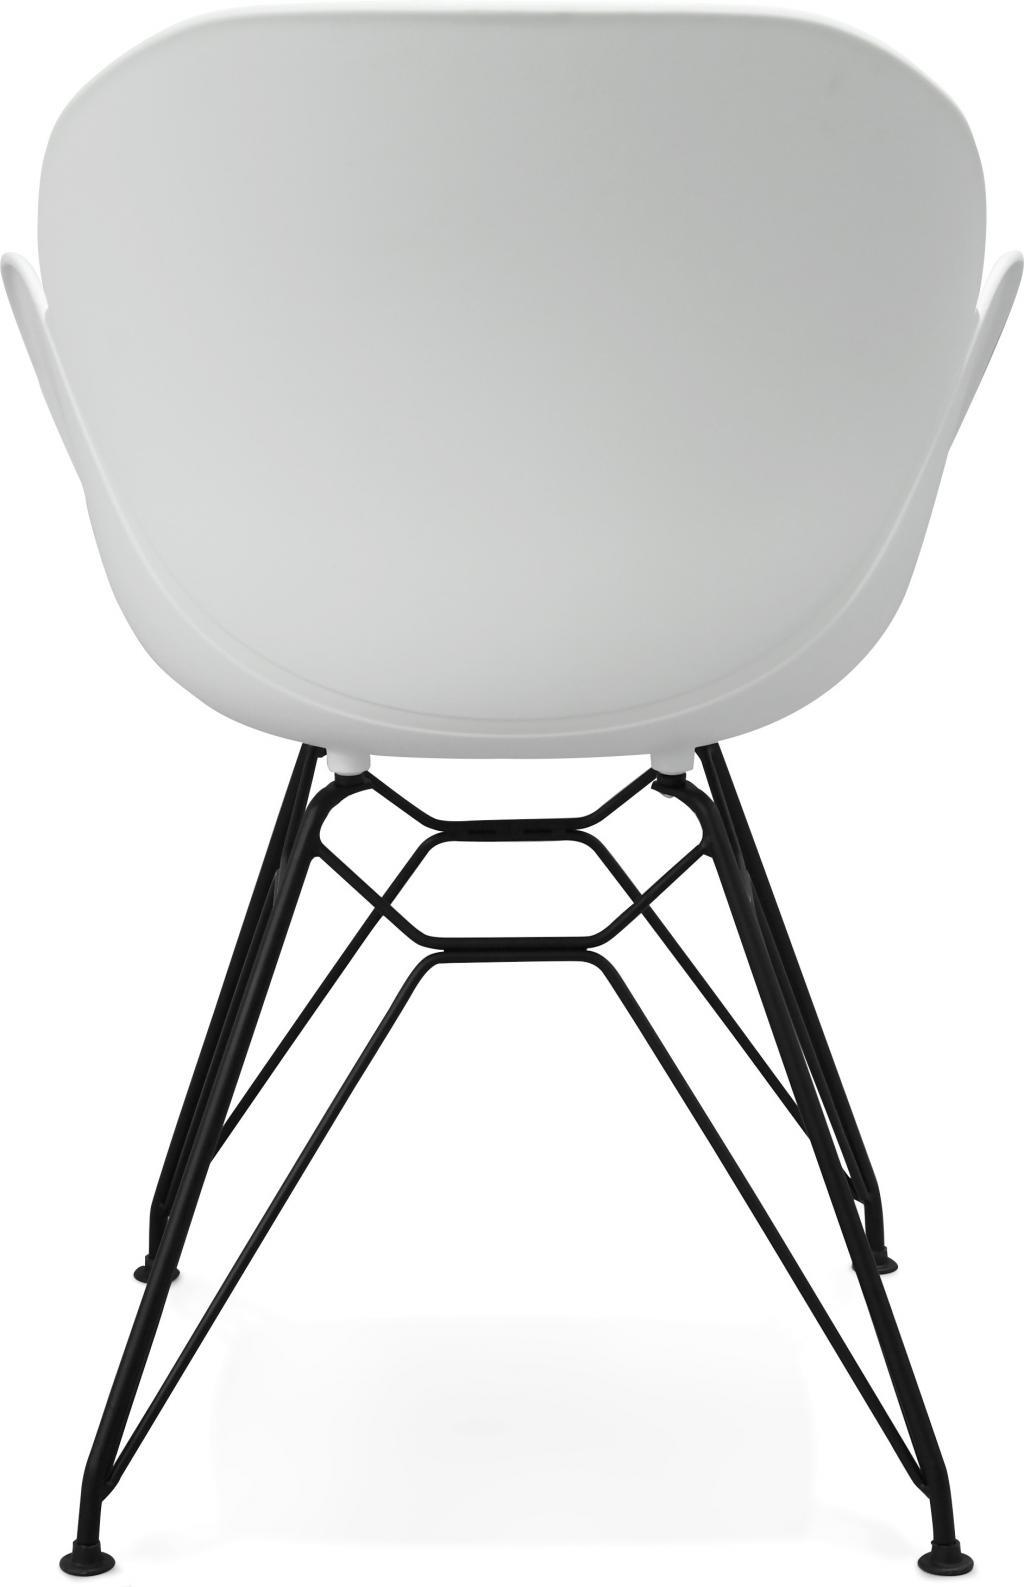 Stoel umela wit kunststof metaal kokoon design for Design stoel wit